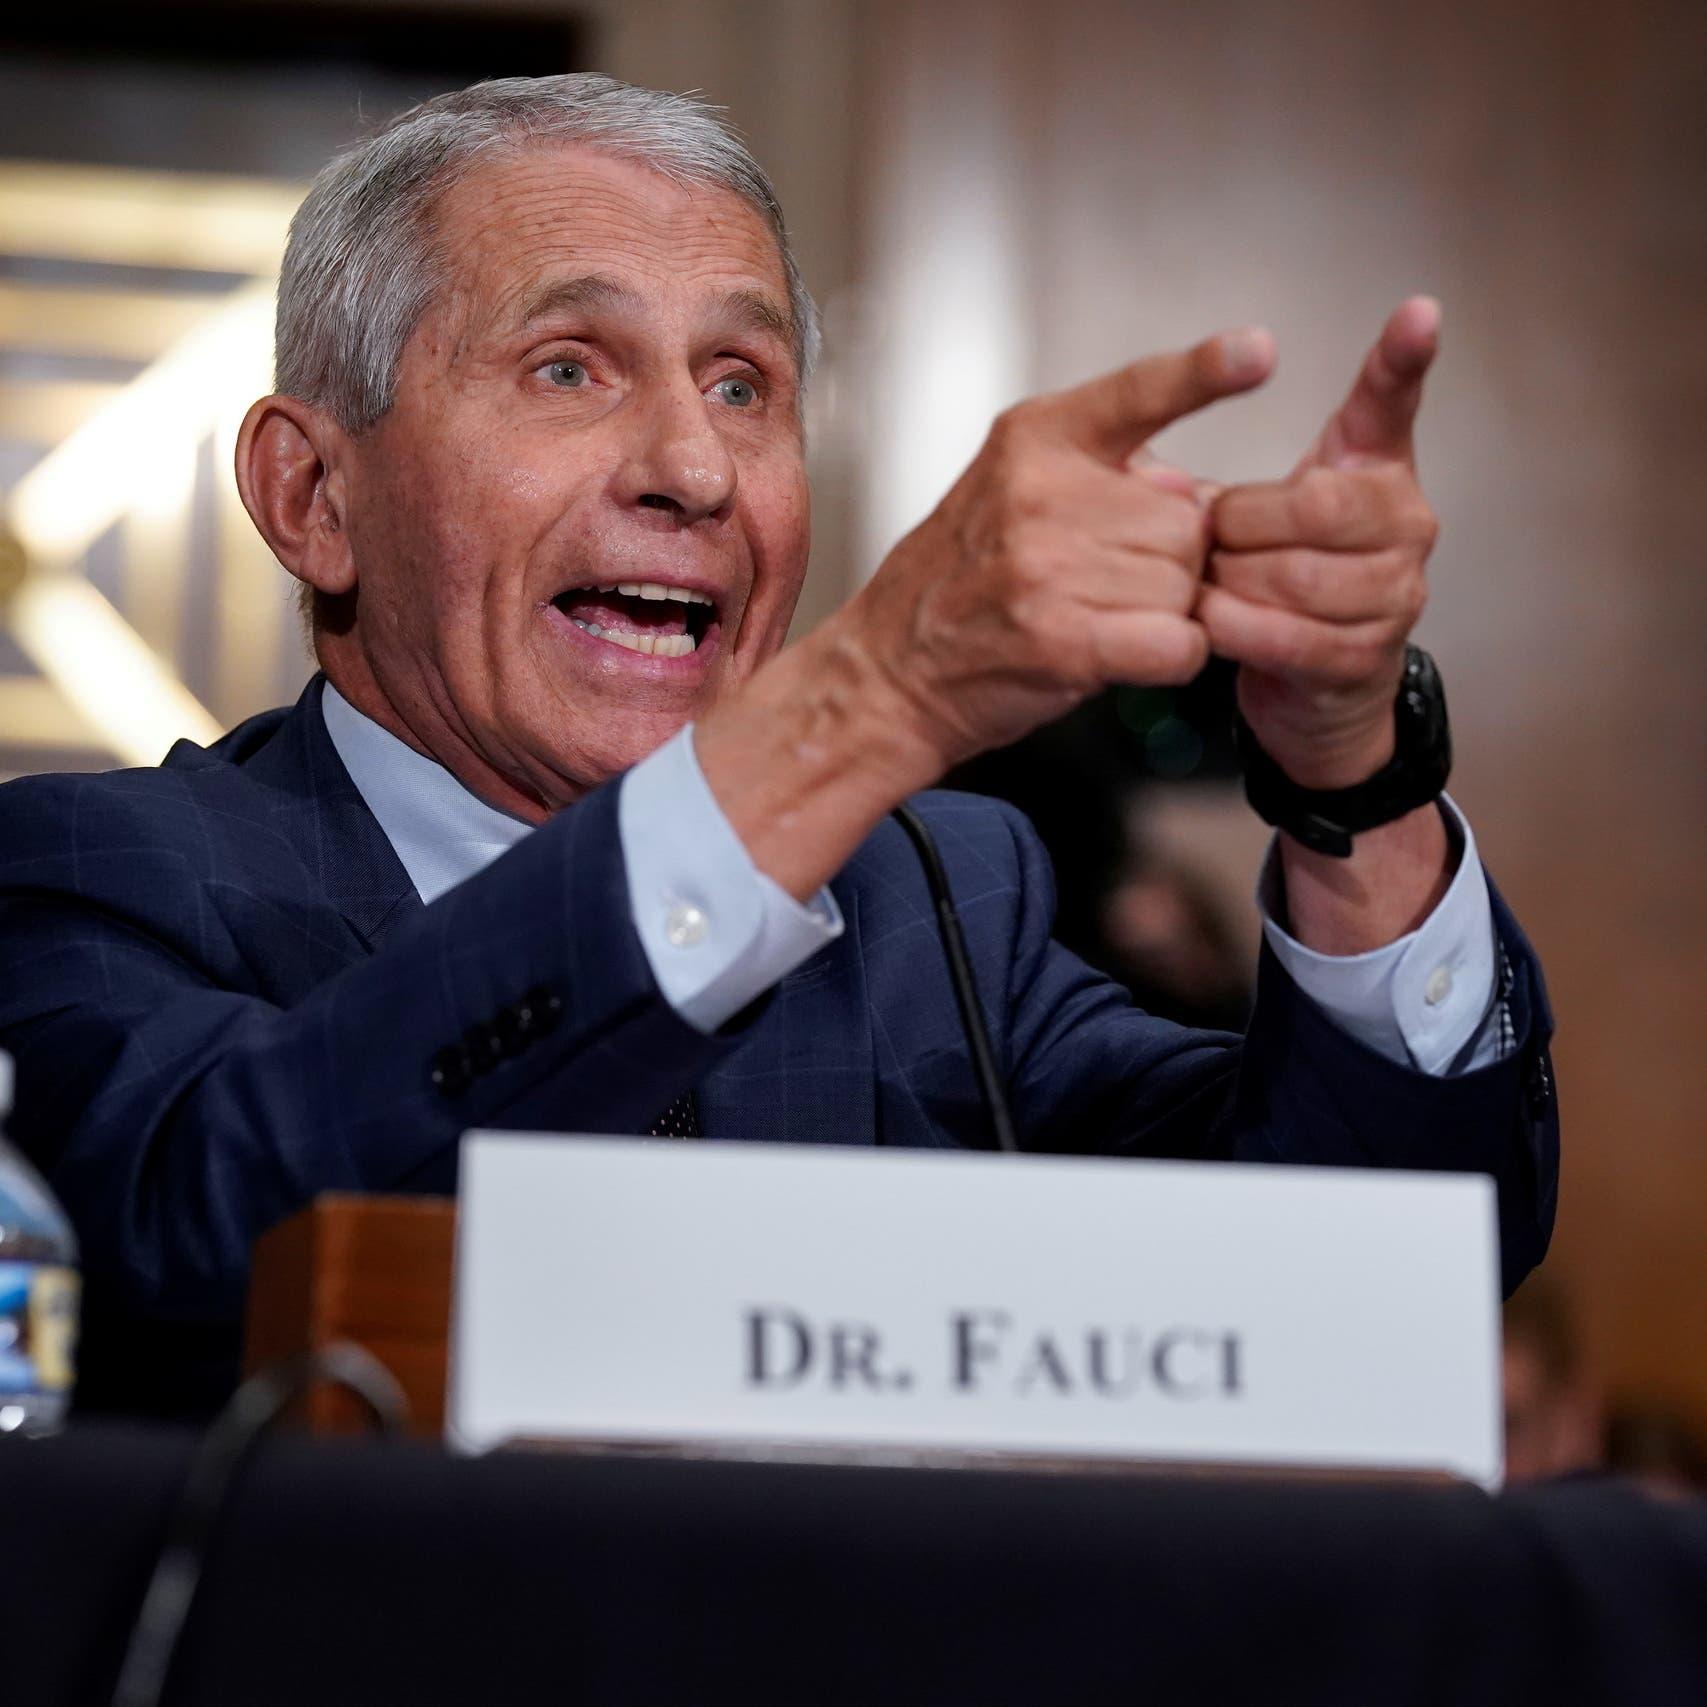 فاوتشي: بعض الأميركيين سيحتاجون لجرعة معززة من لقاح كورونا